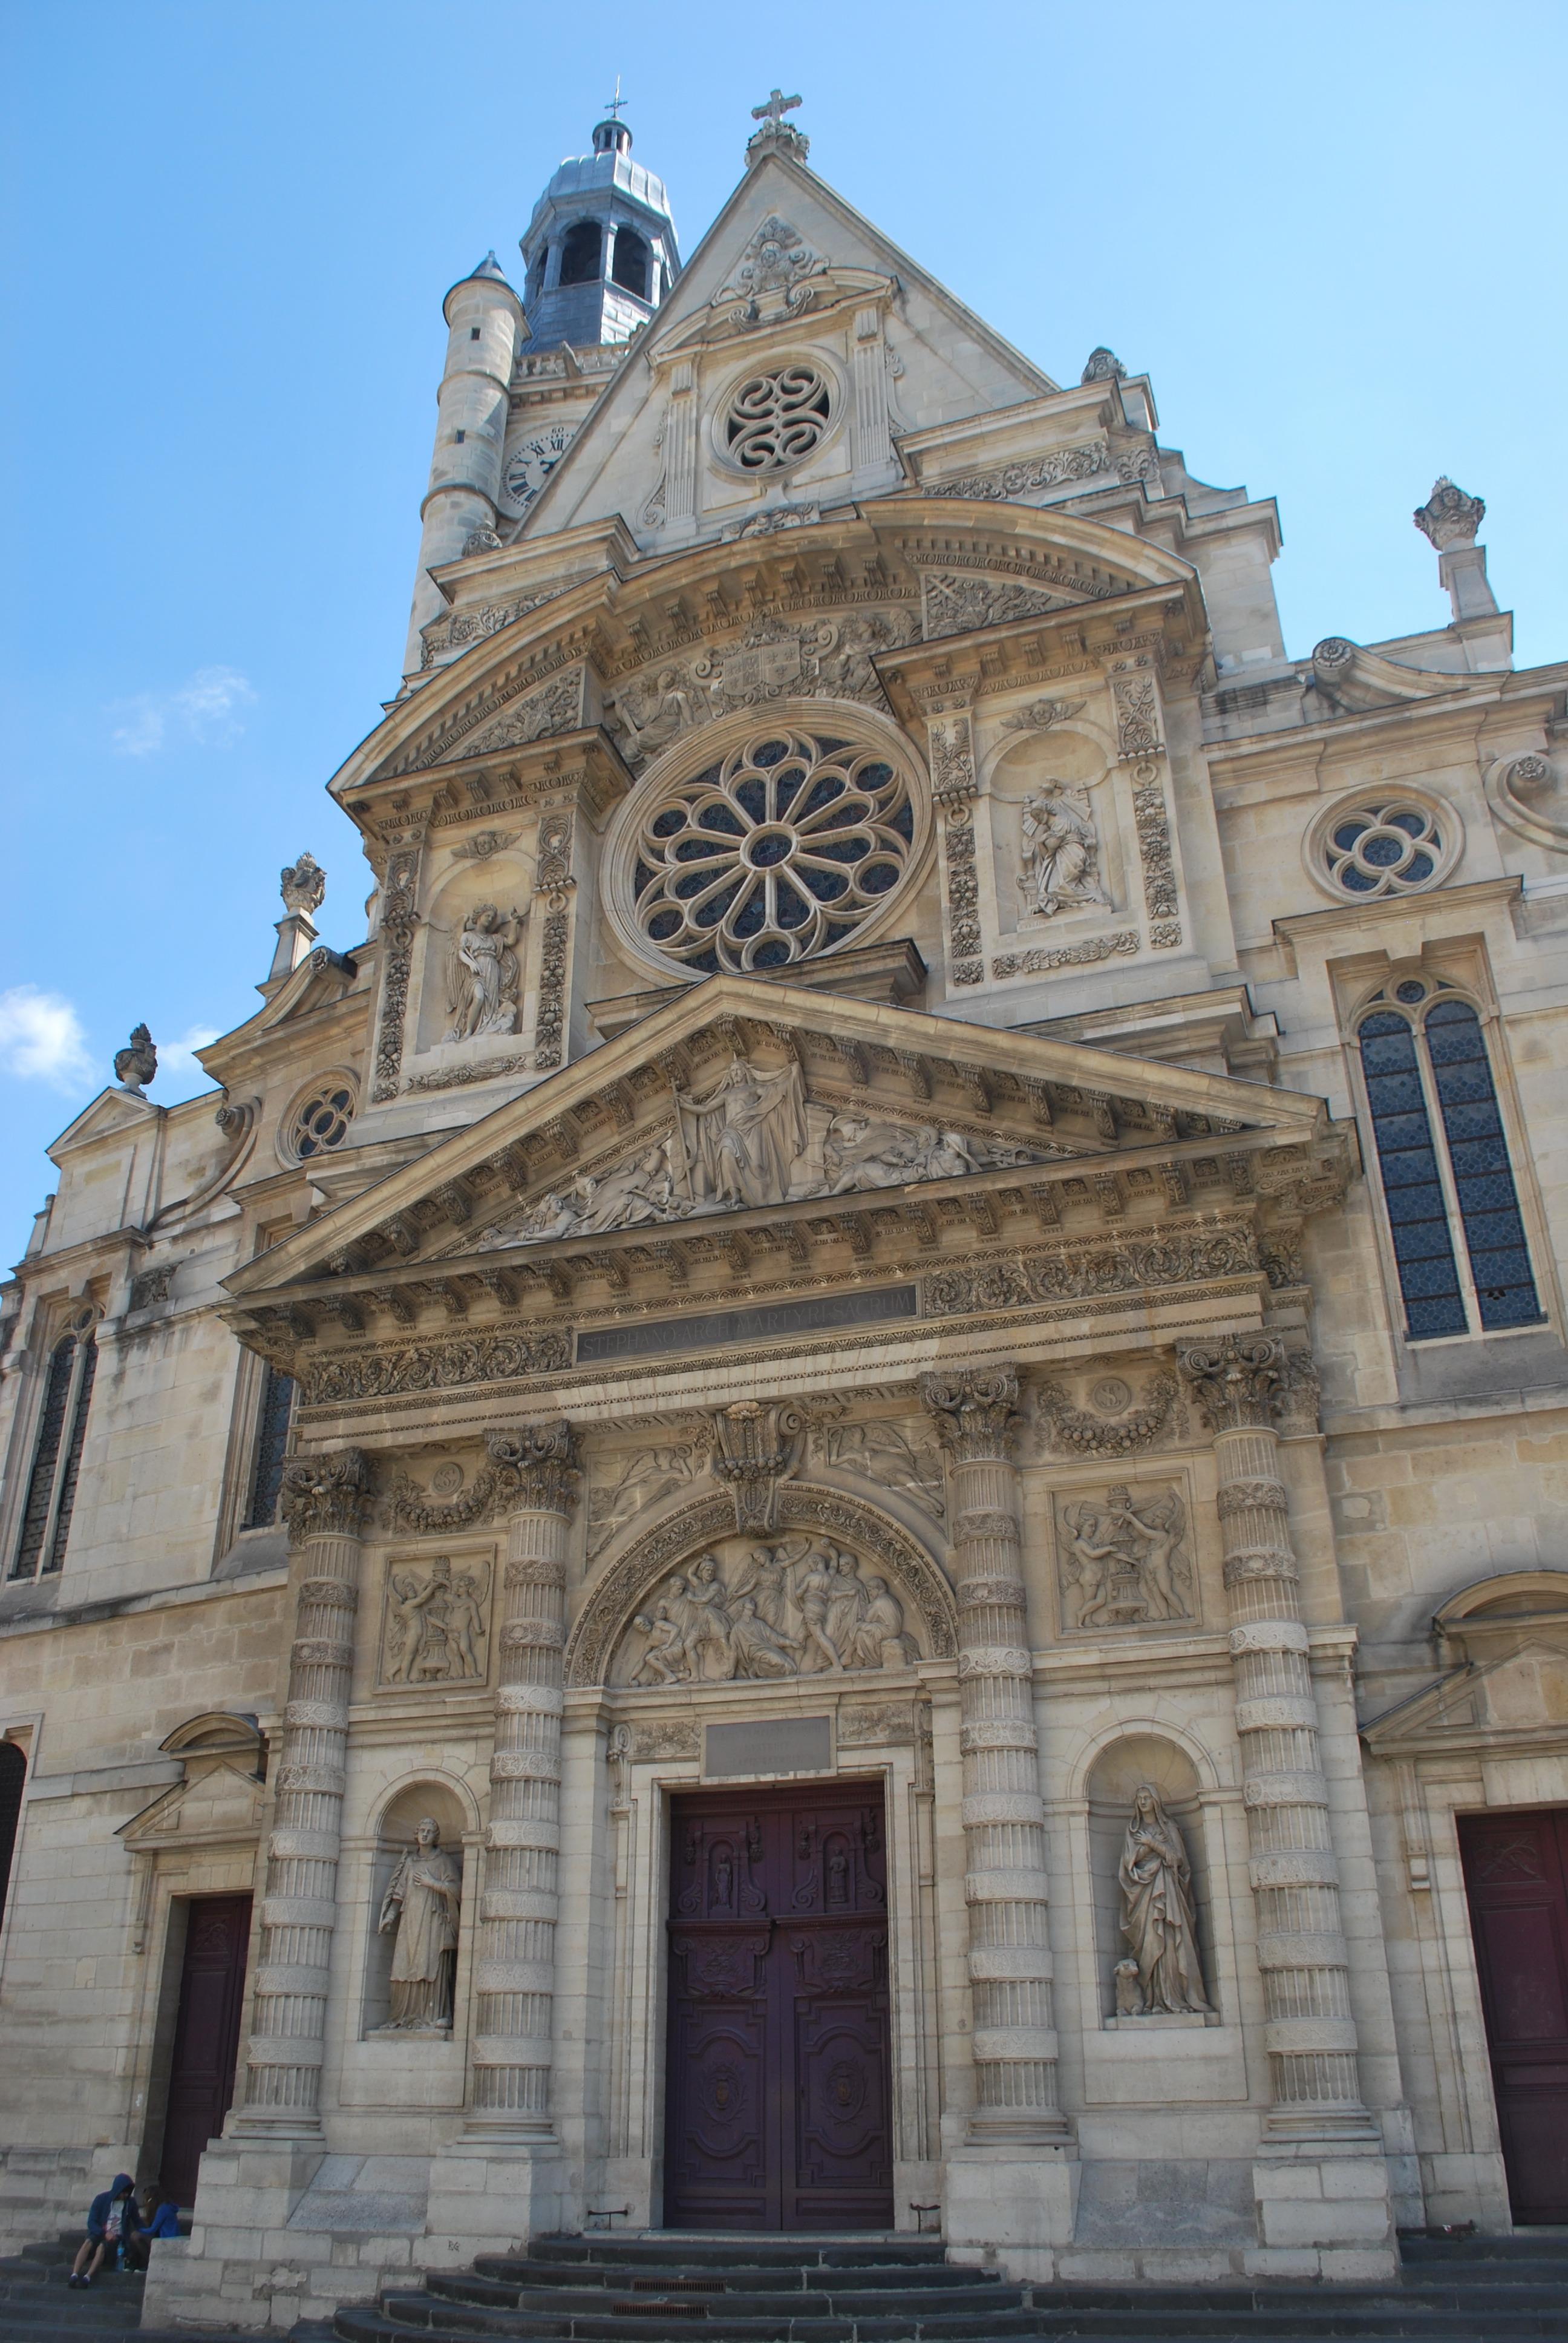 st-etienne-du-mont-paris-5th